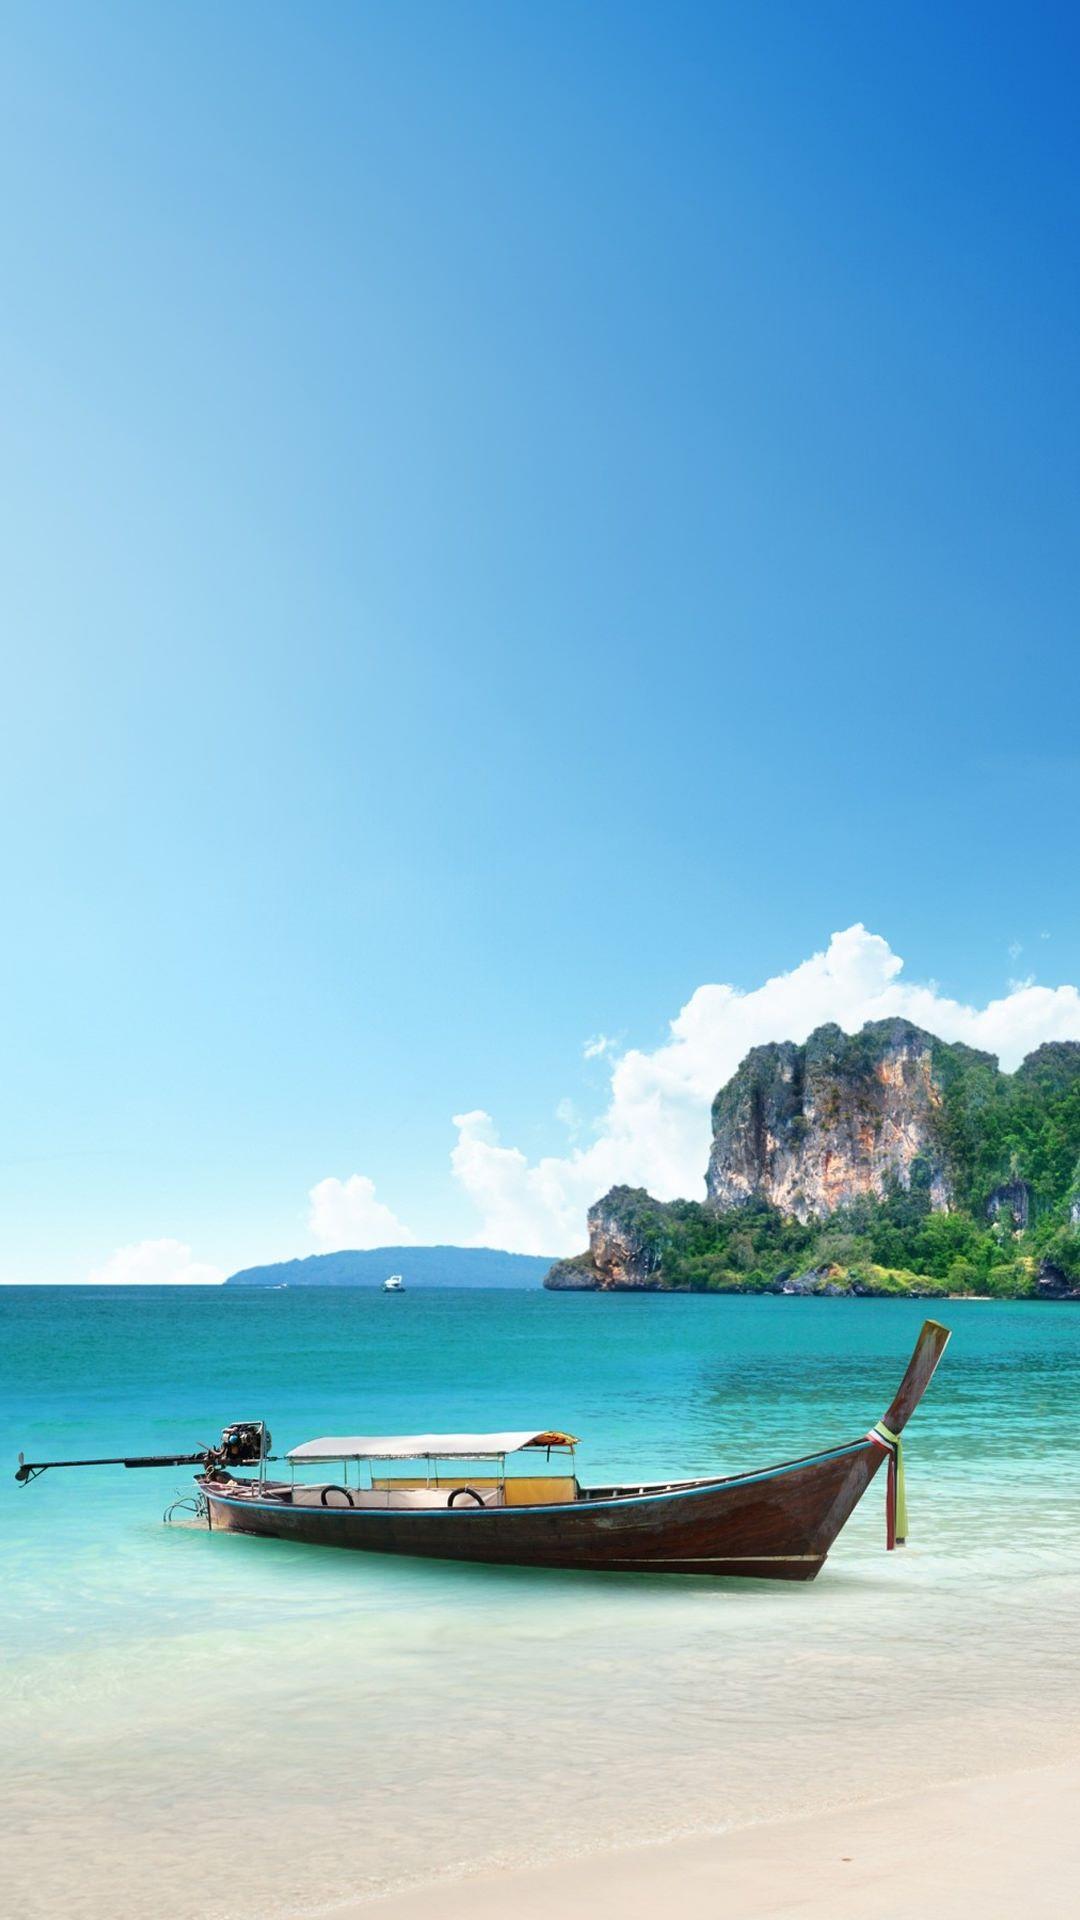 海と木の船 iPhone6 Plus 壁紙 ビーチの壁紙, 風景の壁紙, Iphone 壁紙